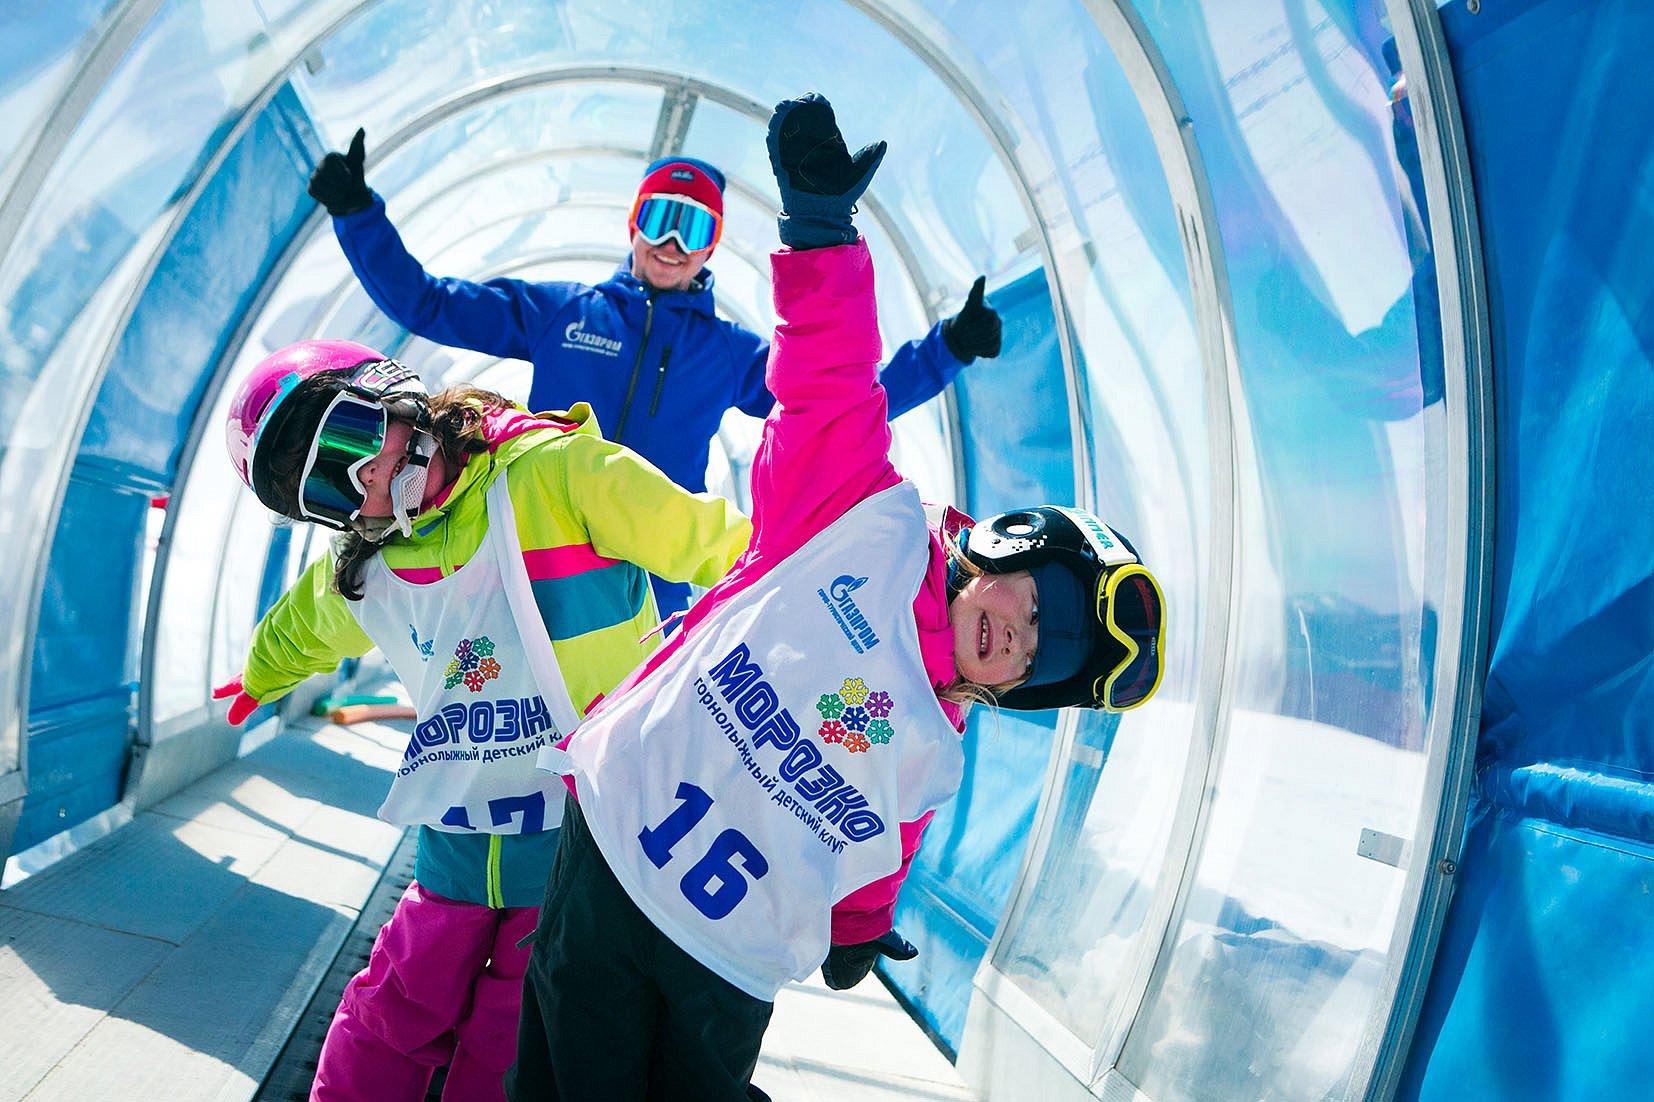 Зимние развлечения ГТЦ Газпром, фото